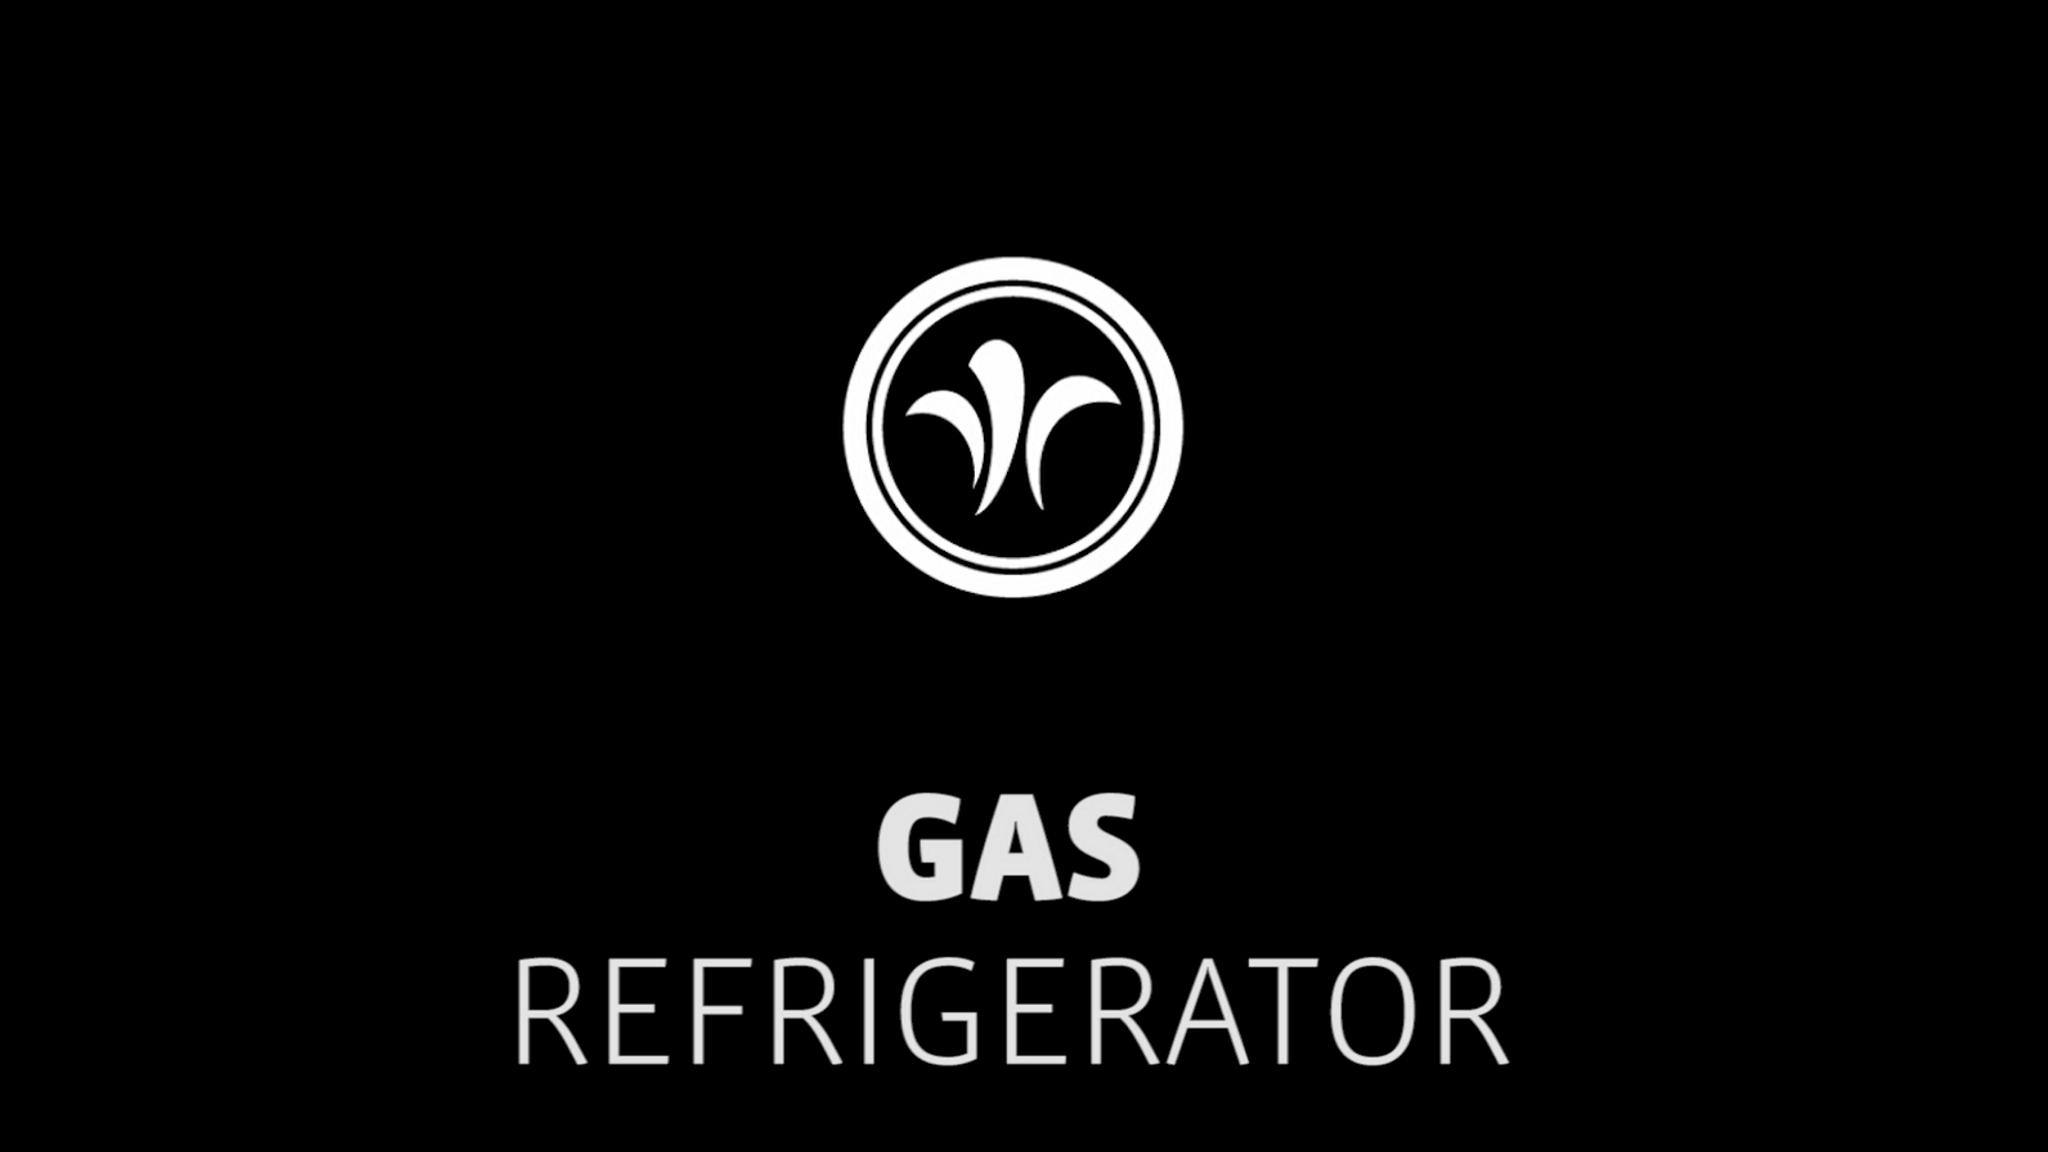 motorhome refrigerator // niesmann+bischoff - camper (model ARTO) // 2019 // G4